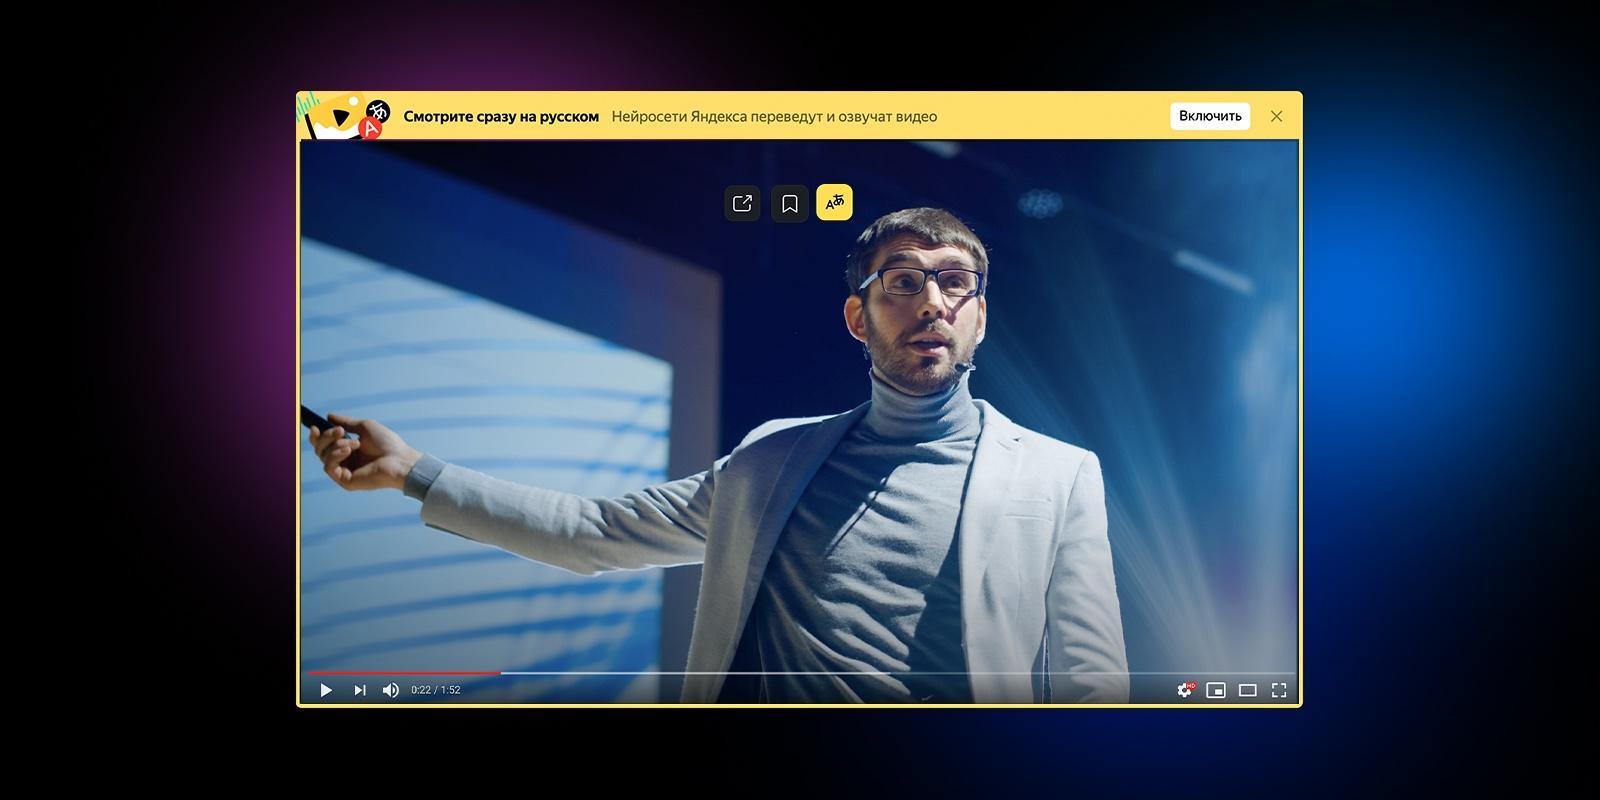 Как Яндекс помогает преодолеть языковой барьер: нейросетевой перевод видео, картинок и текста - 6